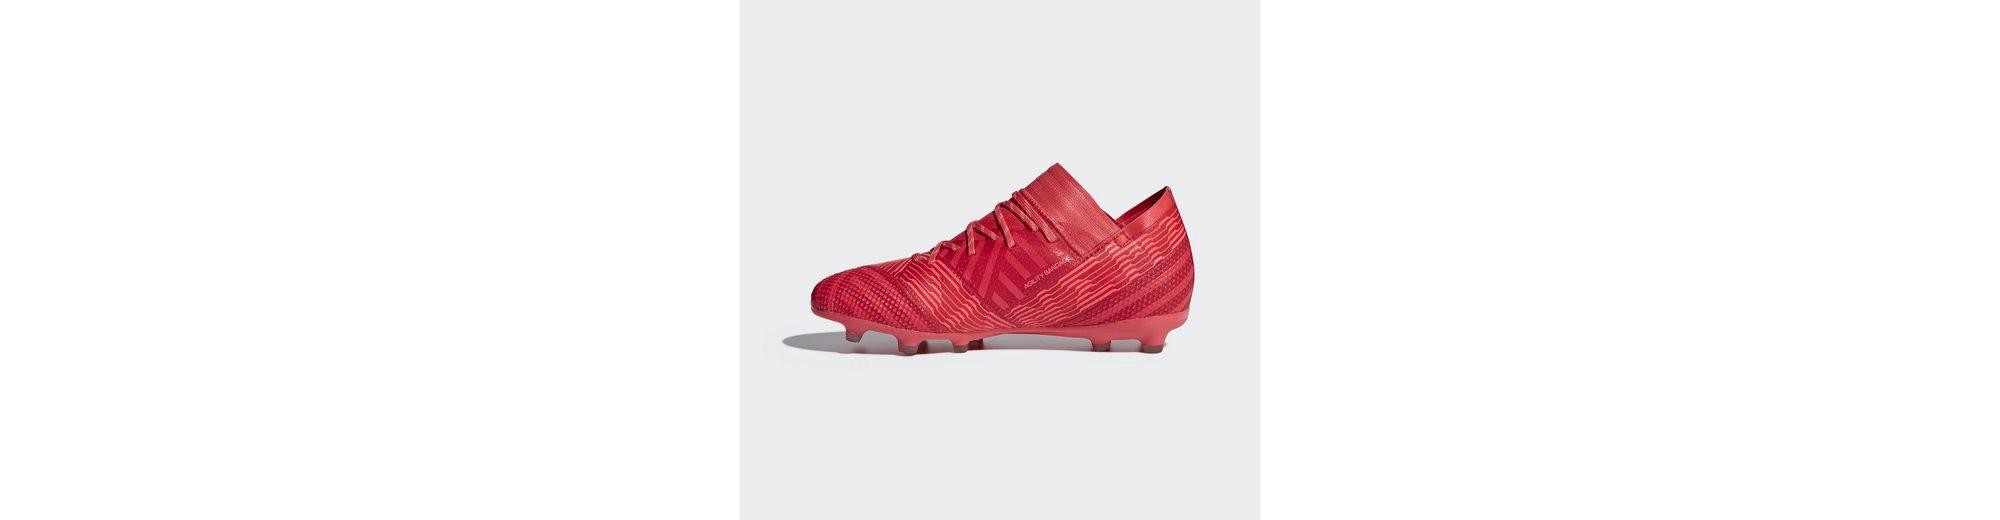 adidas Performance Nemeziz 17.1 FG Fußballschuh Auslasszwischenraum Store k9nMNzwF5